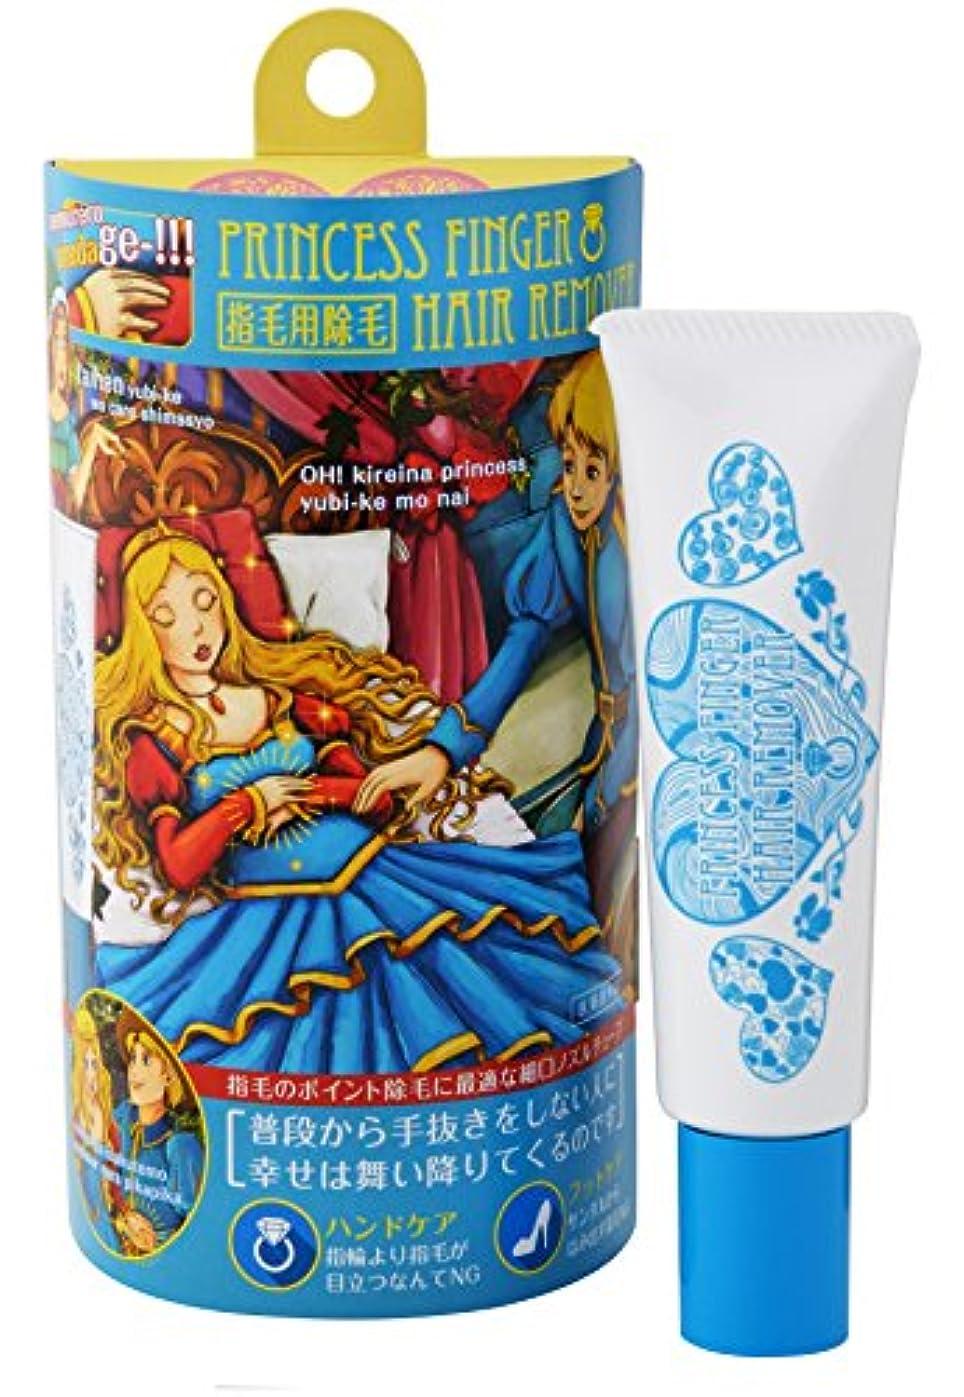 ルー呼び出す辞任プリンセス フィンガー ヘアリムーバー